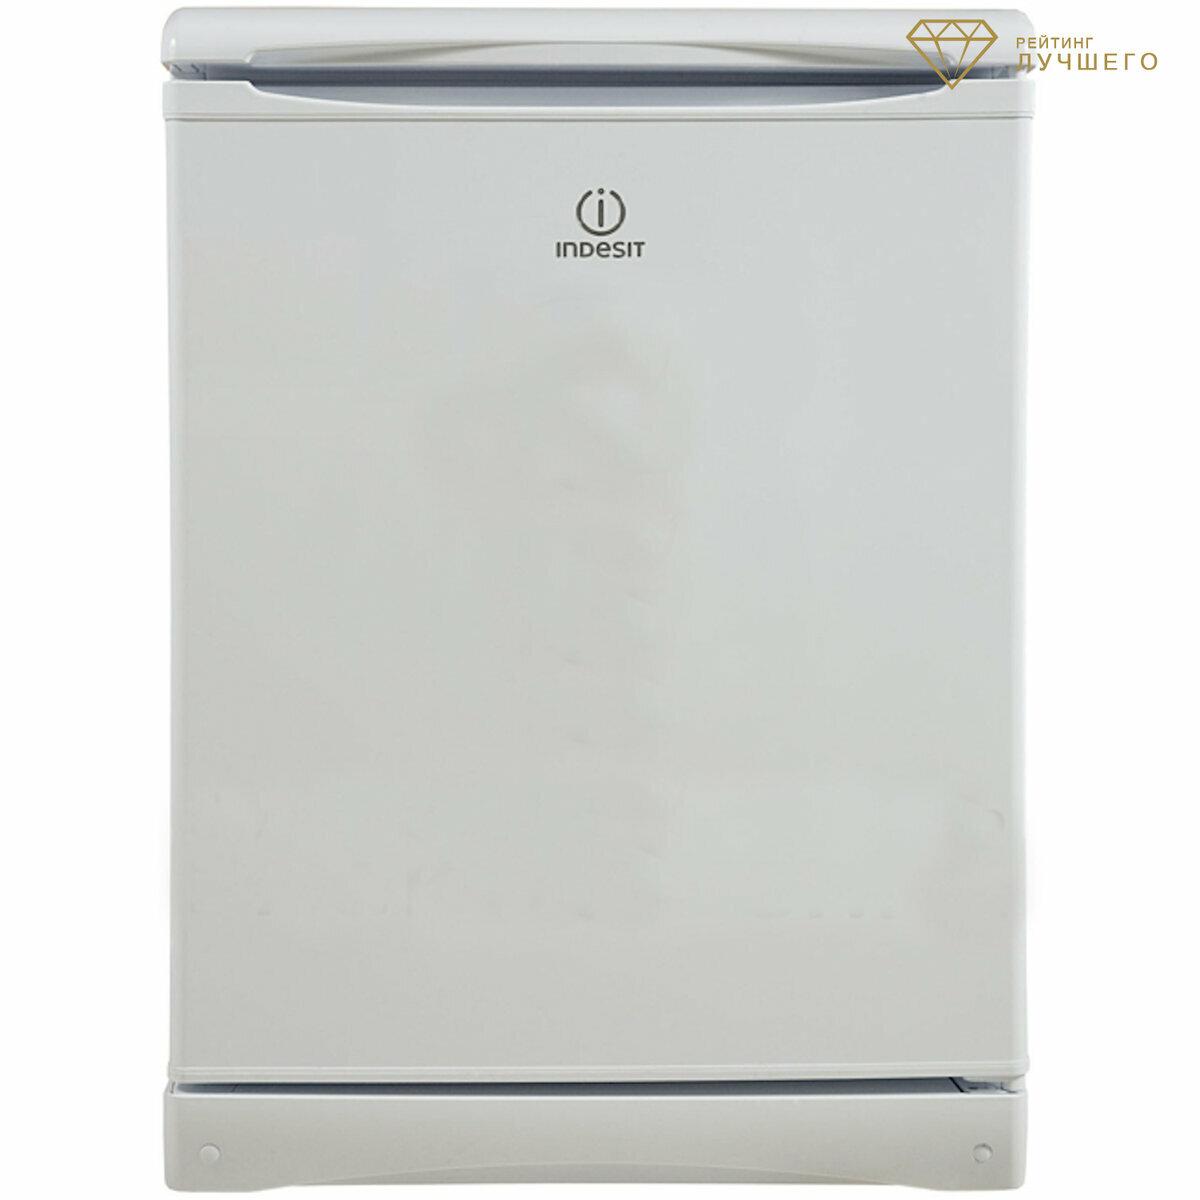 10 лучших мини-холодильников, рейтинг 2020 и советы по выбору